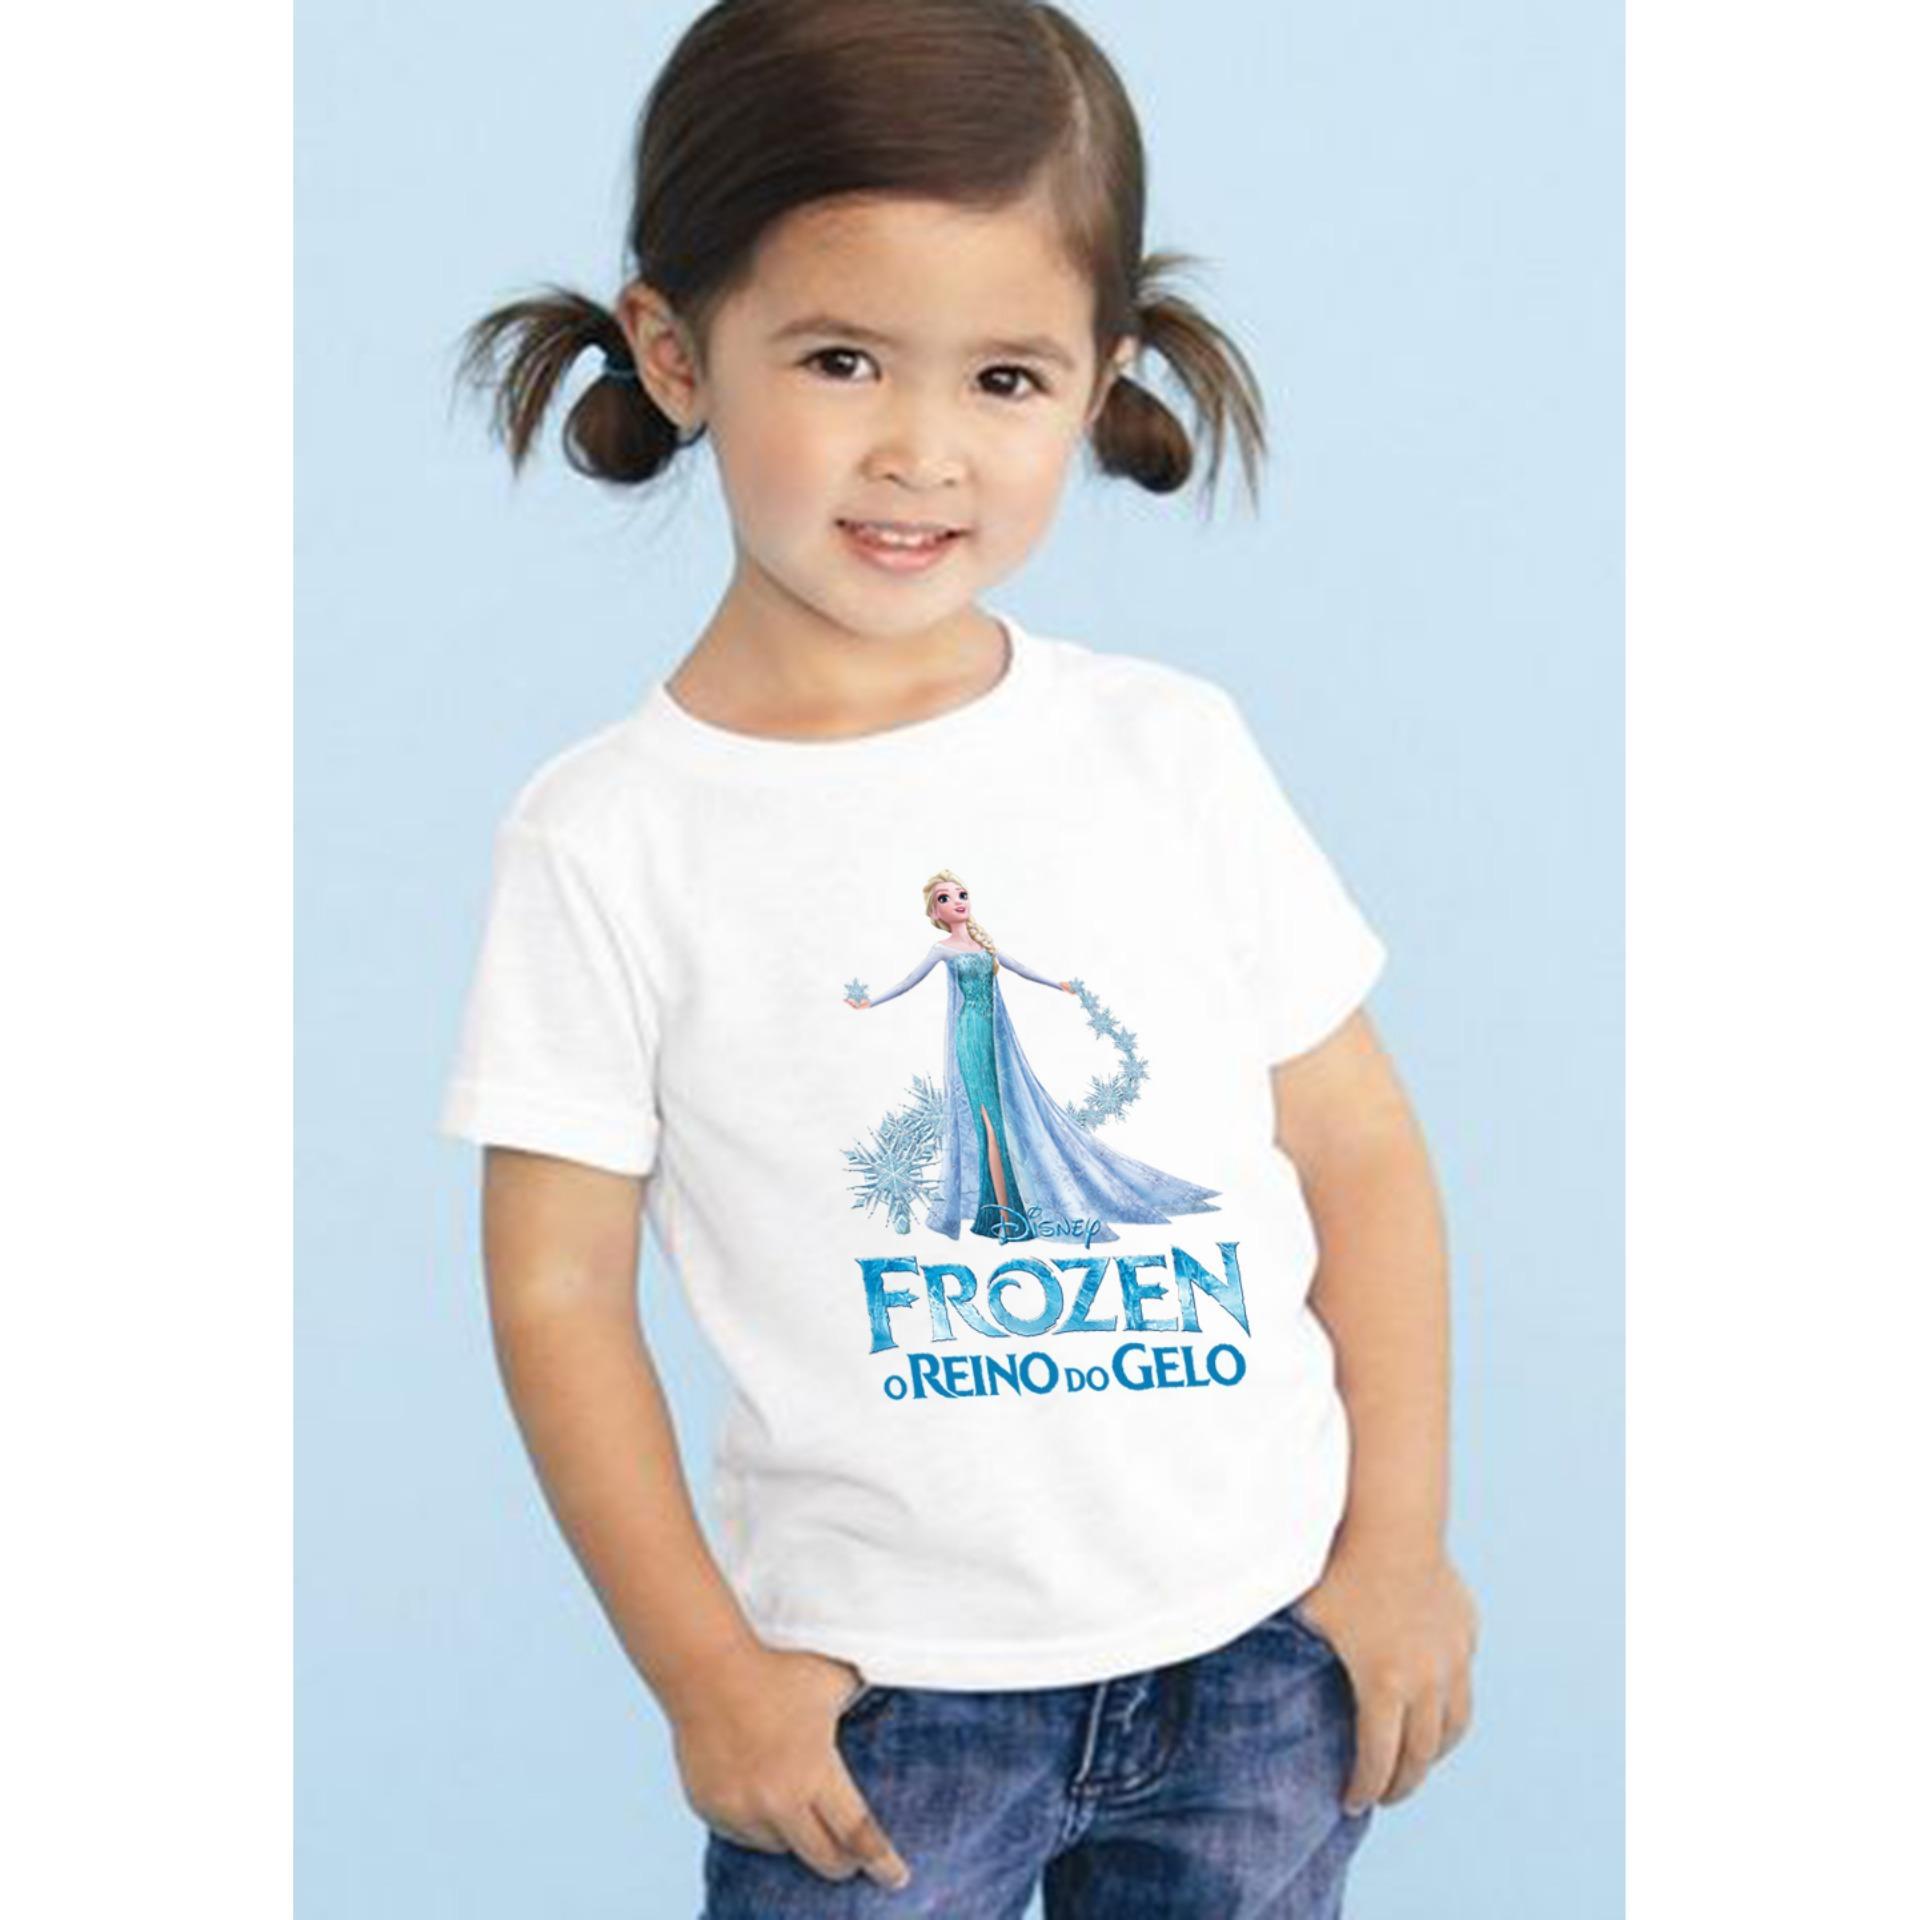 Áo Thun bé gái chất liệu mềm mịn thoáng mát 10 baby shop-102